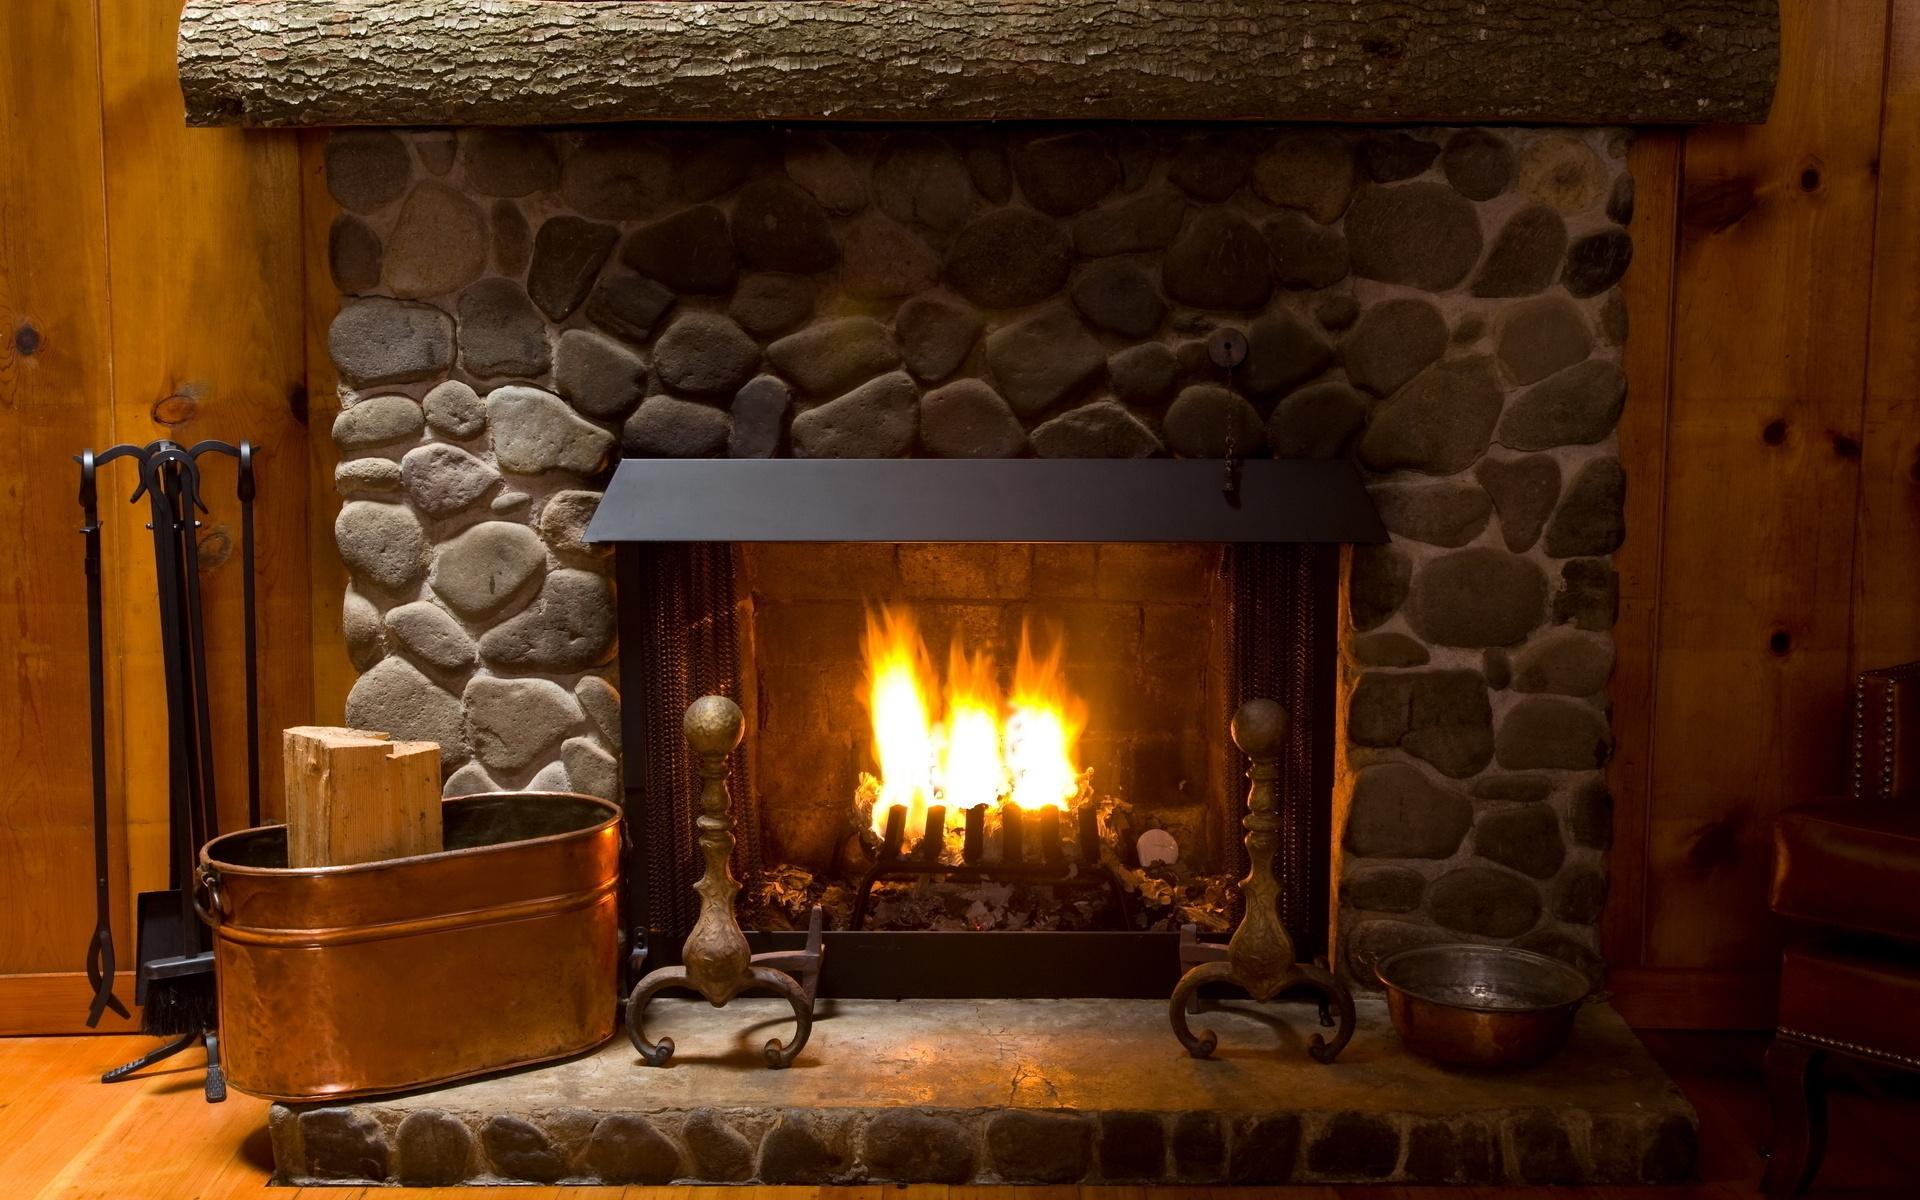 Perfekt Zimmer Innere Holz Lampe Gemütlich Kamin Innenarchitektur Hütte Wohnzimmer  Feuerstelle